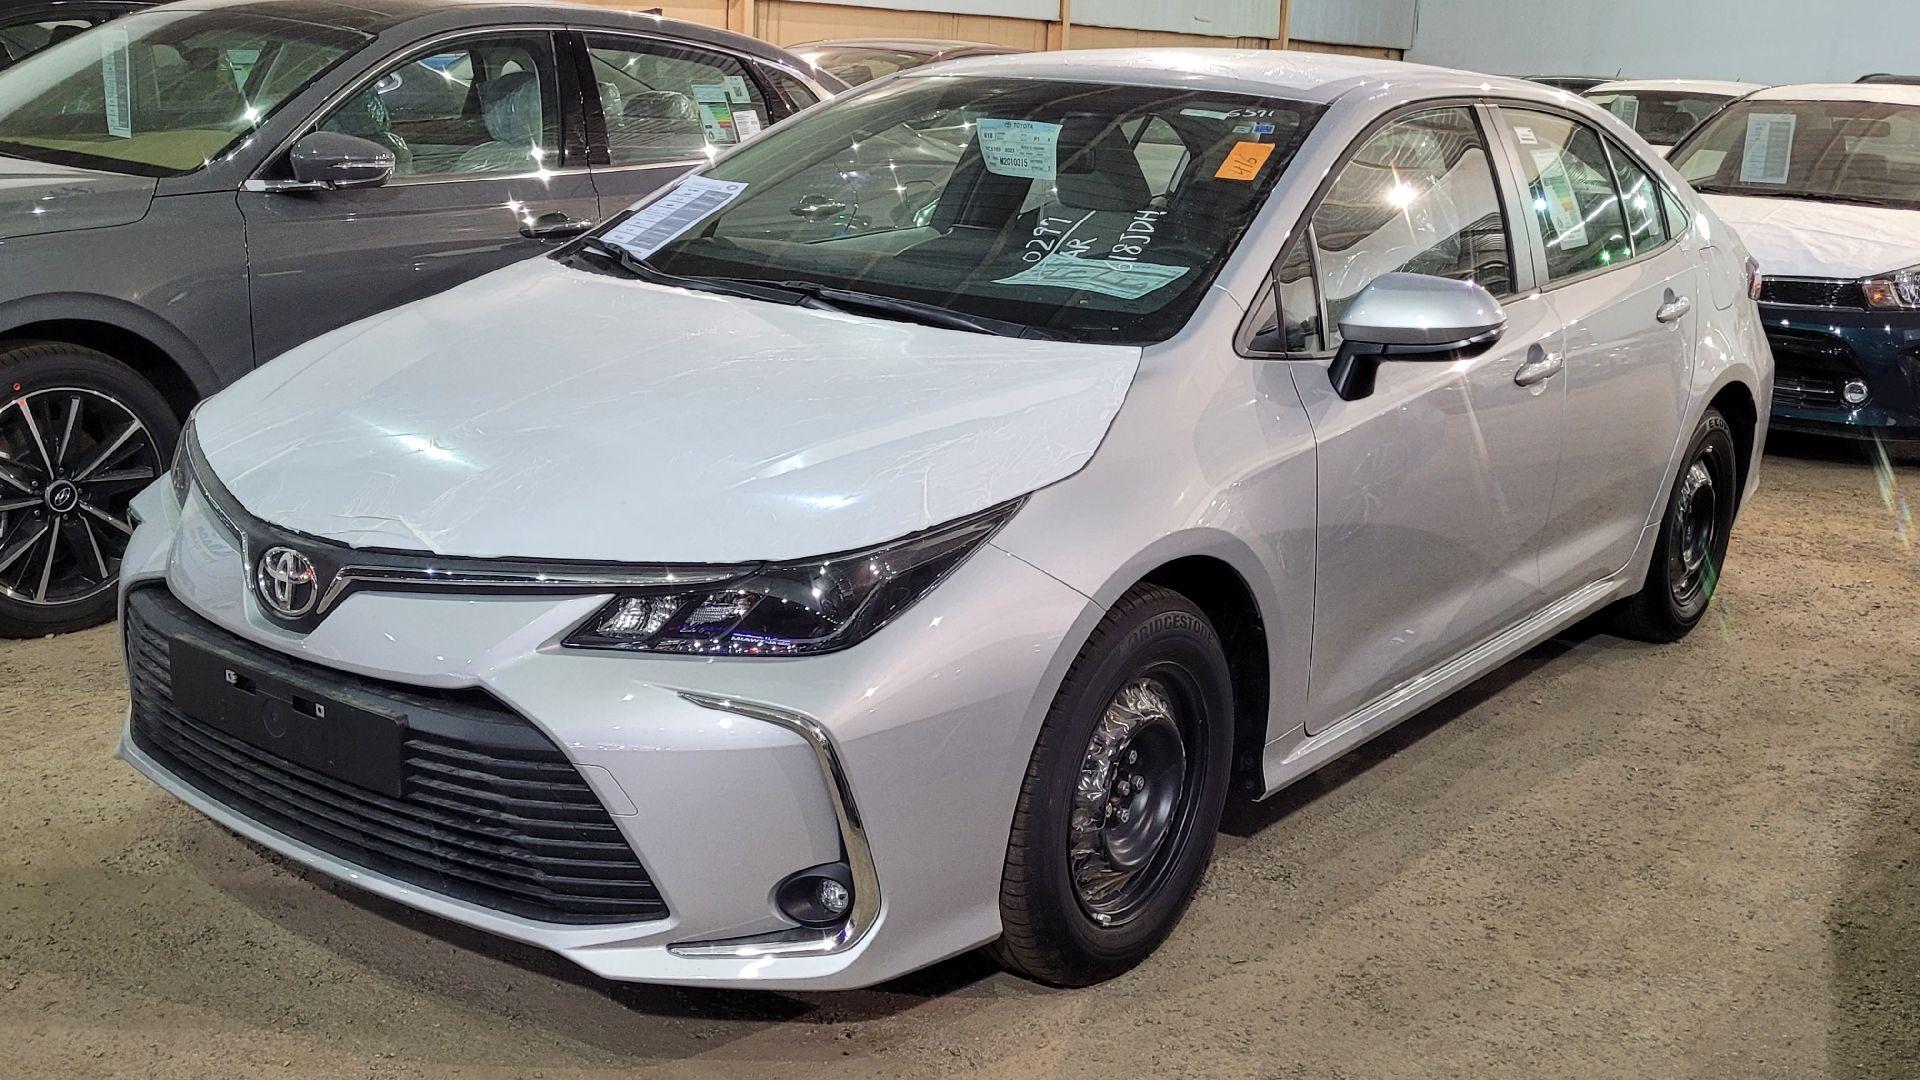 مباع - تويوتا كورولا XLI ستاندر  2021 سعودي جديد للبيع في الرياض - السعودية - صورة كبيرة - 1